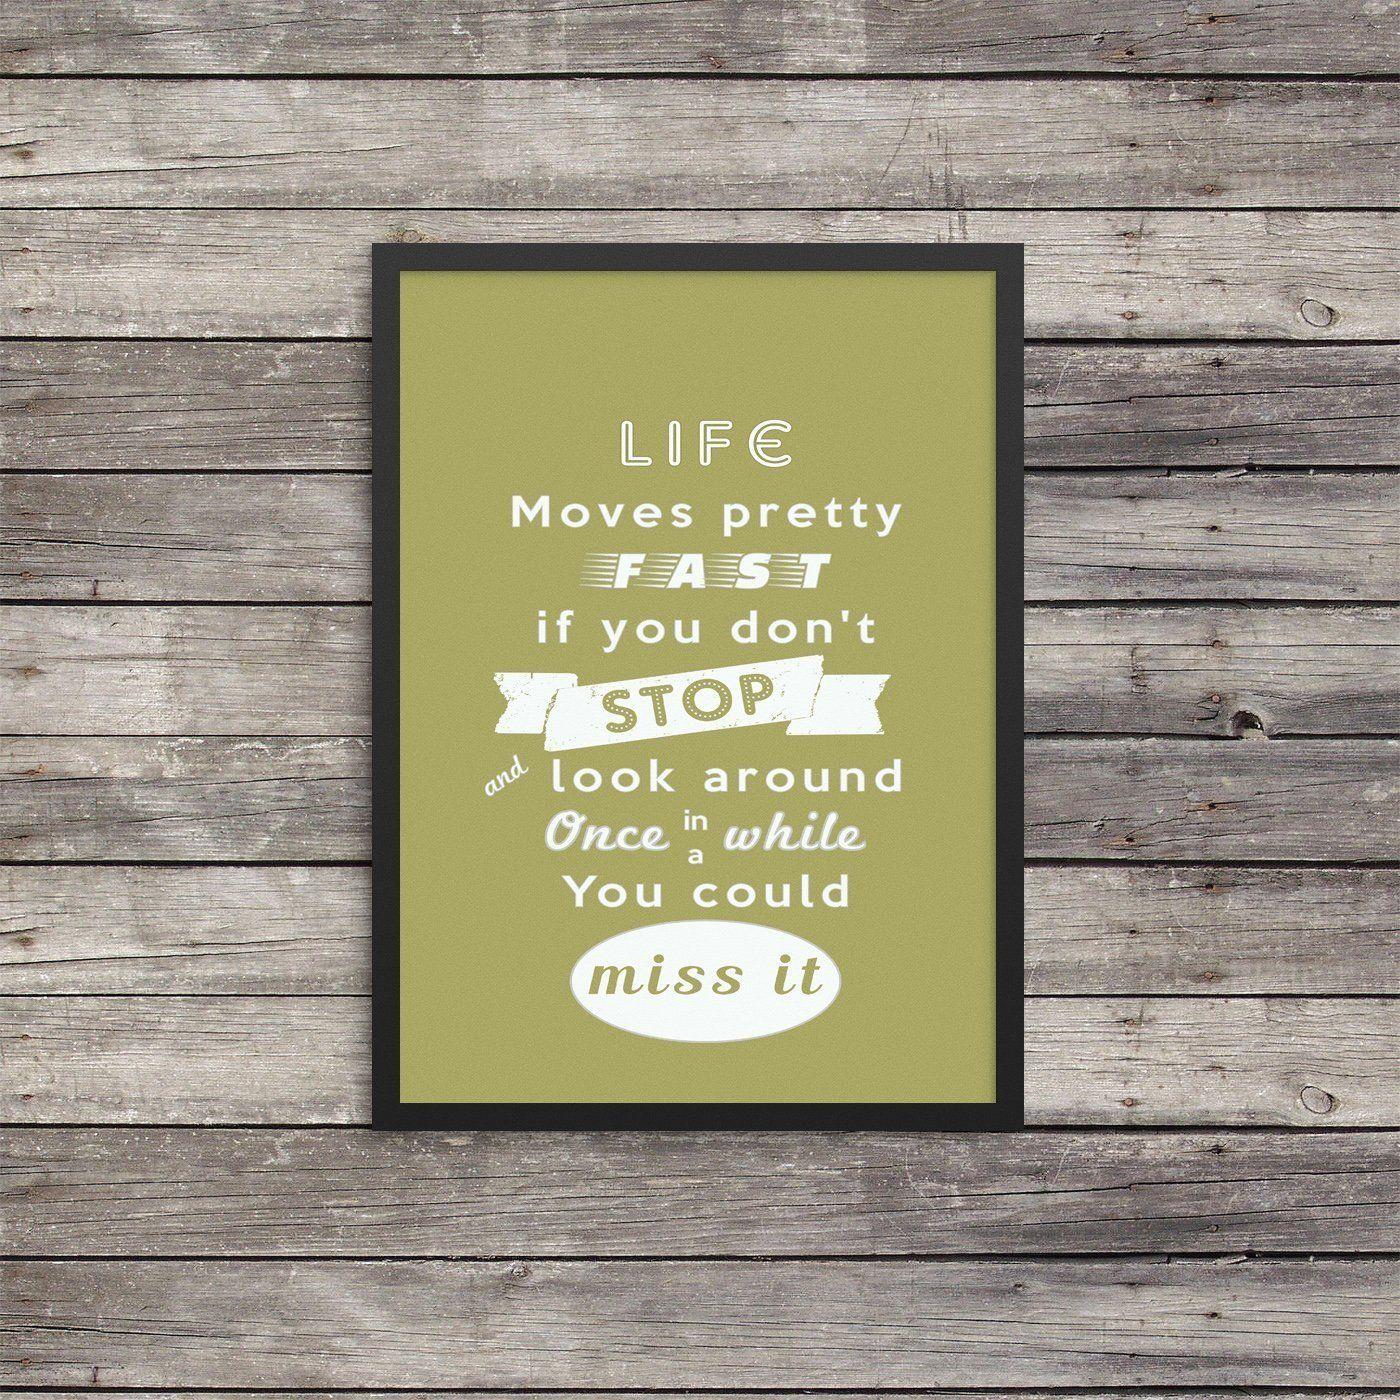 Ferris Bueller Life Moves Pretty Fast Quote Life Moves Pretty Fast Print  Minimalist Poster  Typography